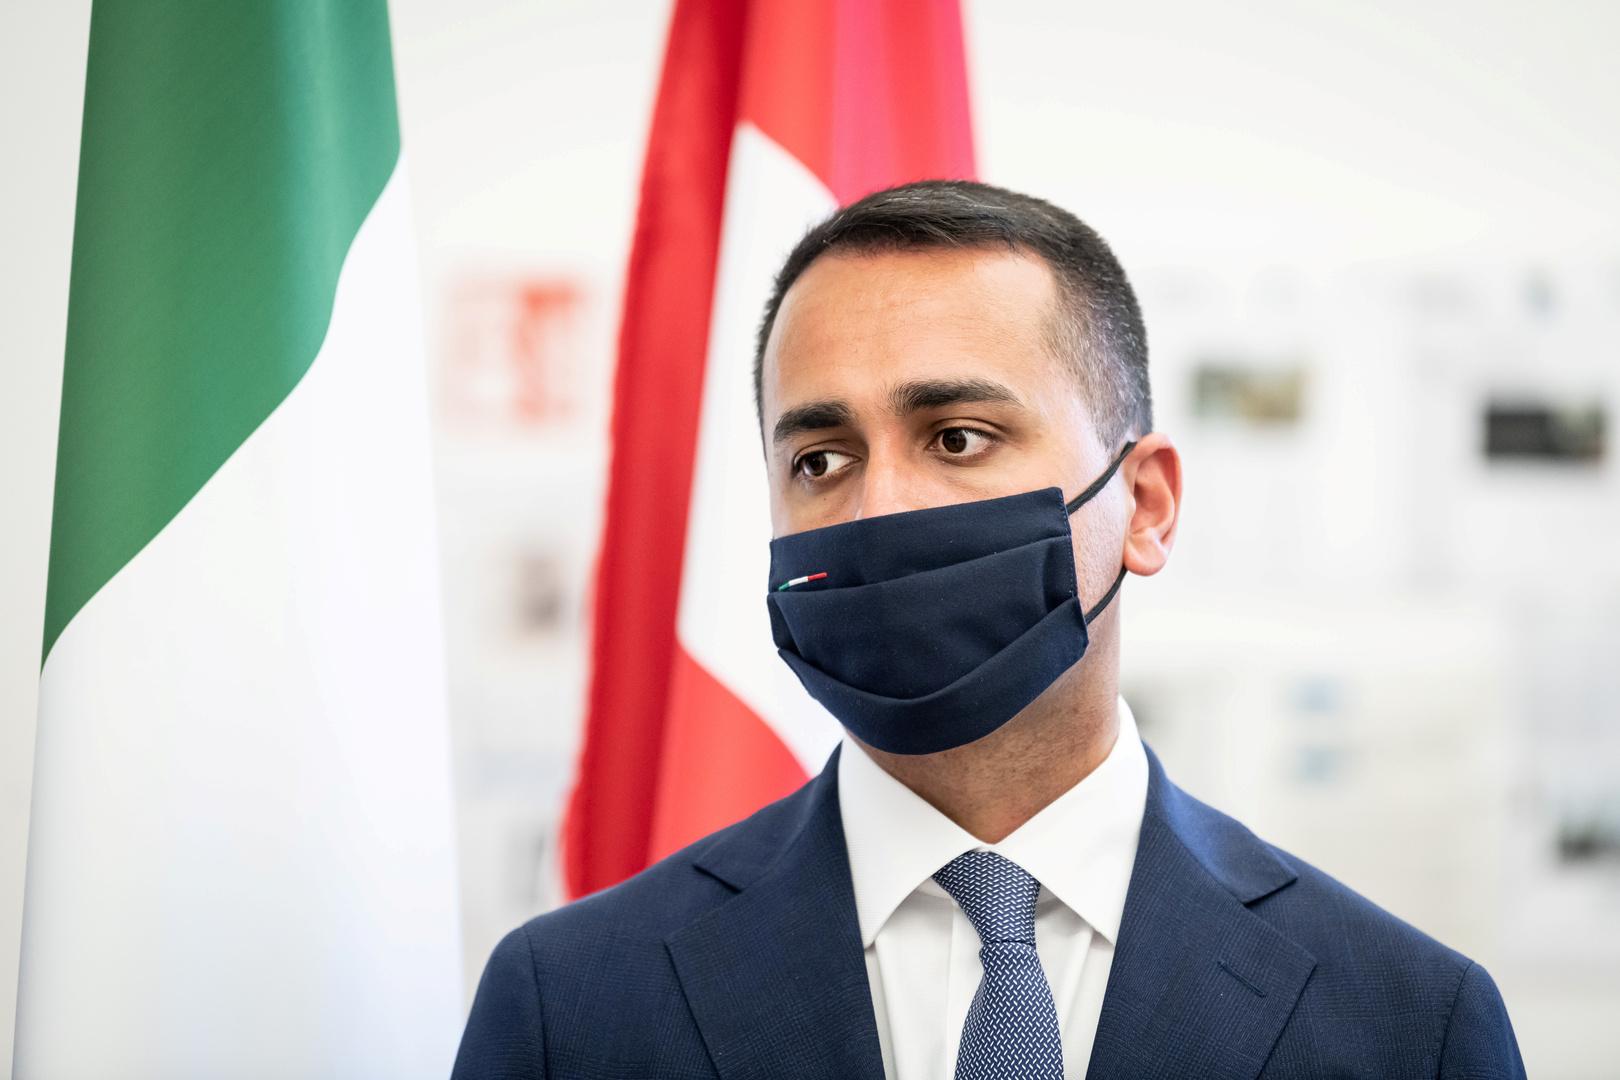 وزير الخارجية الإيطالي يتعهد بإعادة اللاجئين التونسيين إلى بلادهم